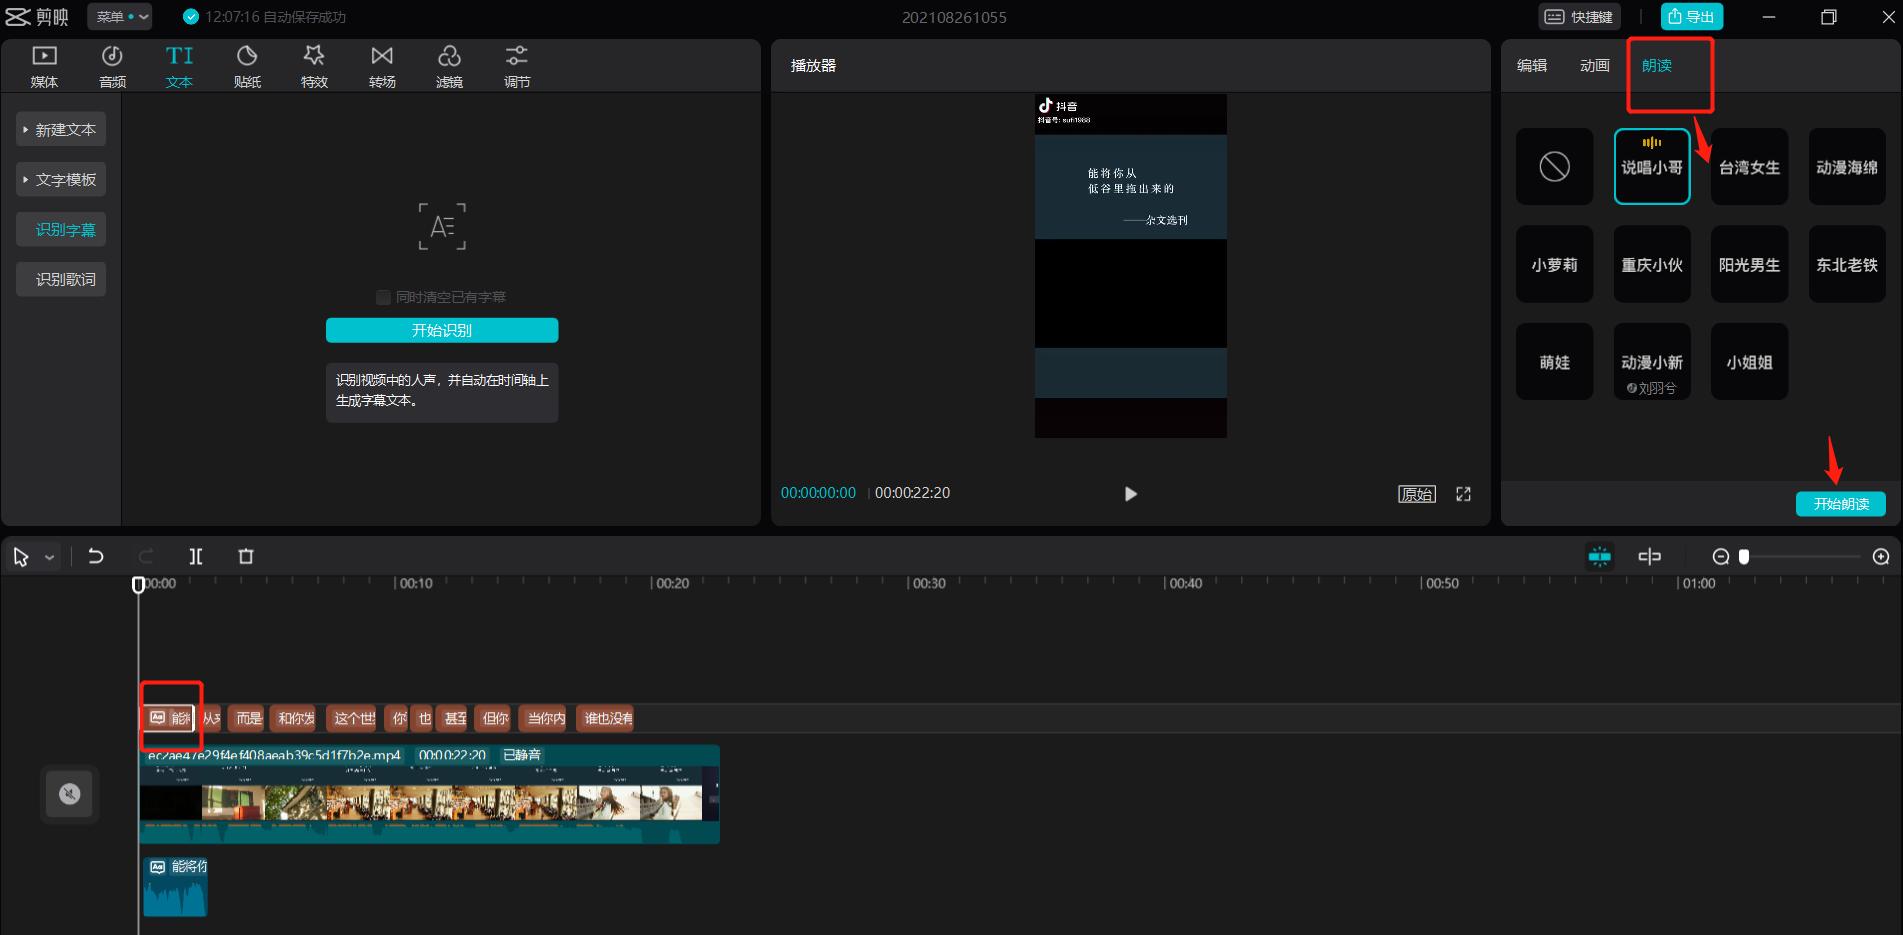 剪映怎么自动添加字幕和配音